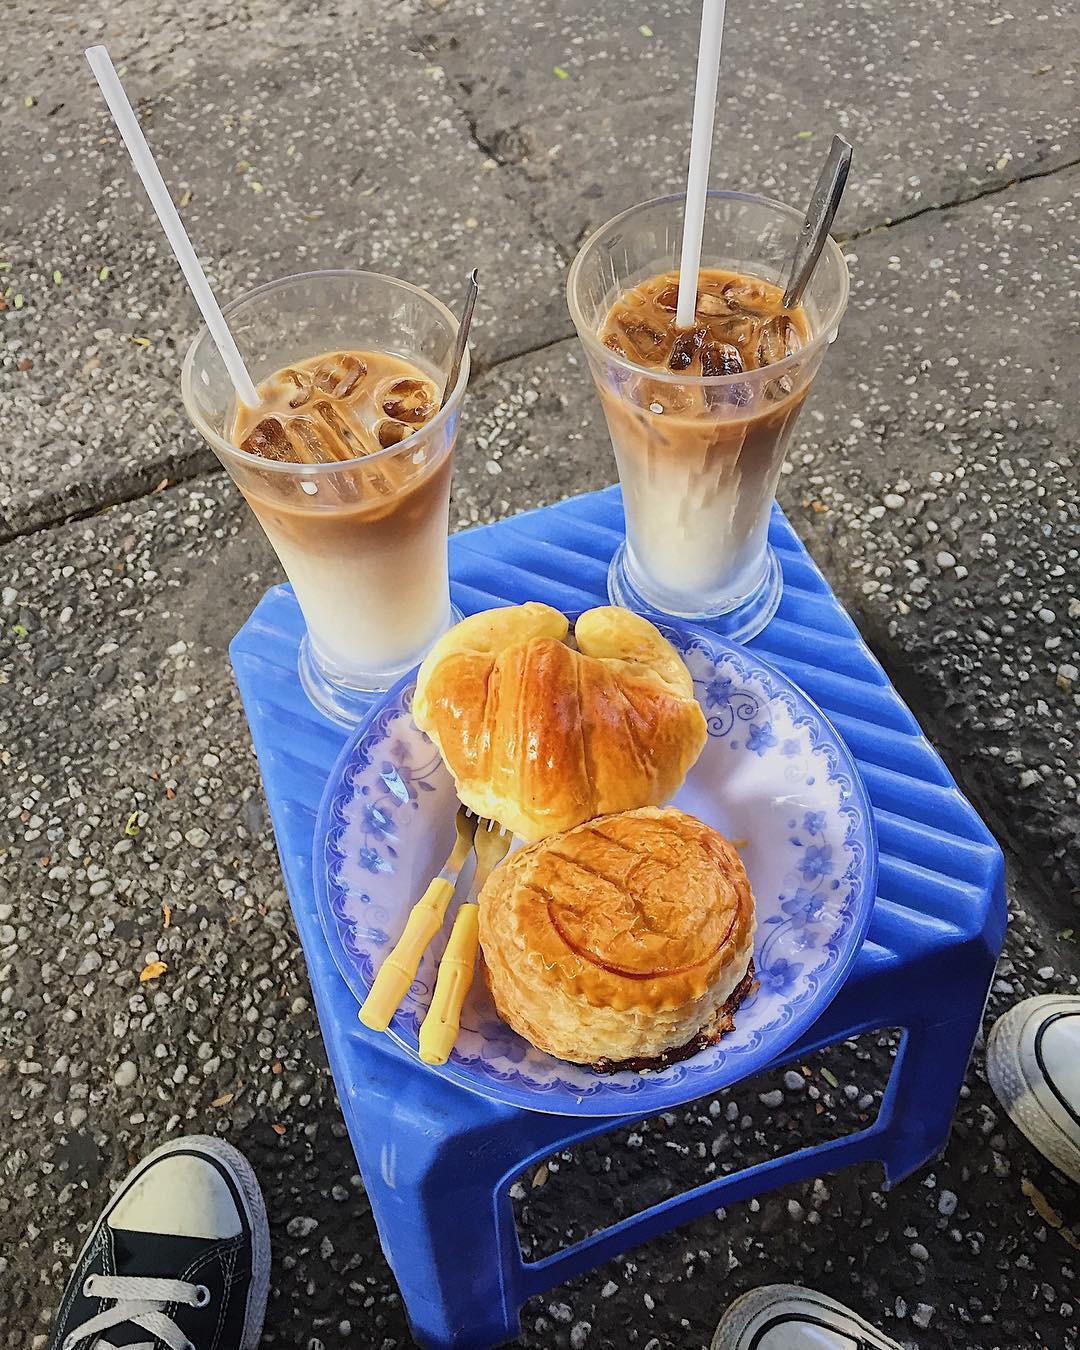 Tận hưởng bữa sáng theo cách riêng rất lạ của người Sài Gòn - Ảnh 5.